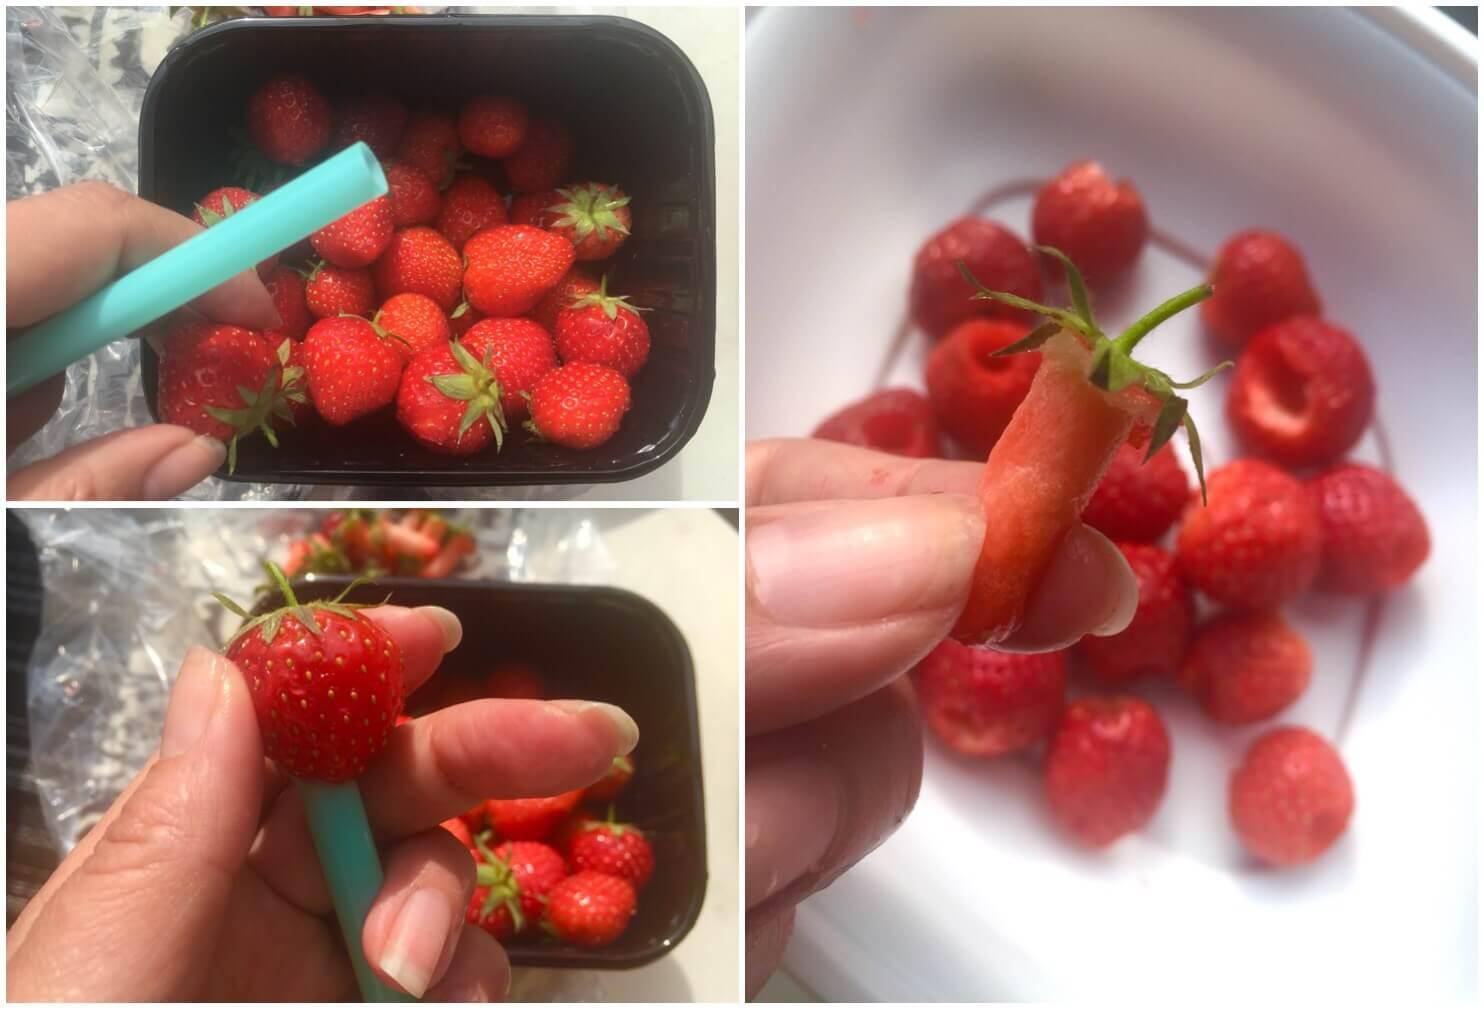 Rensa jordgubbar Karin Uggla